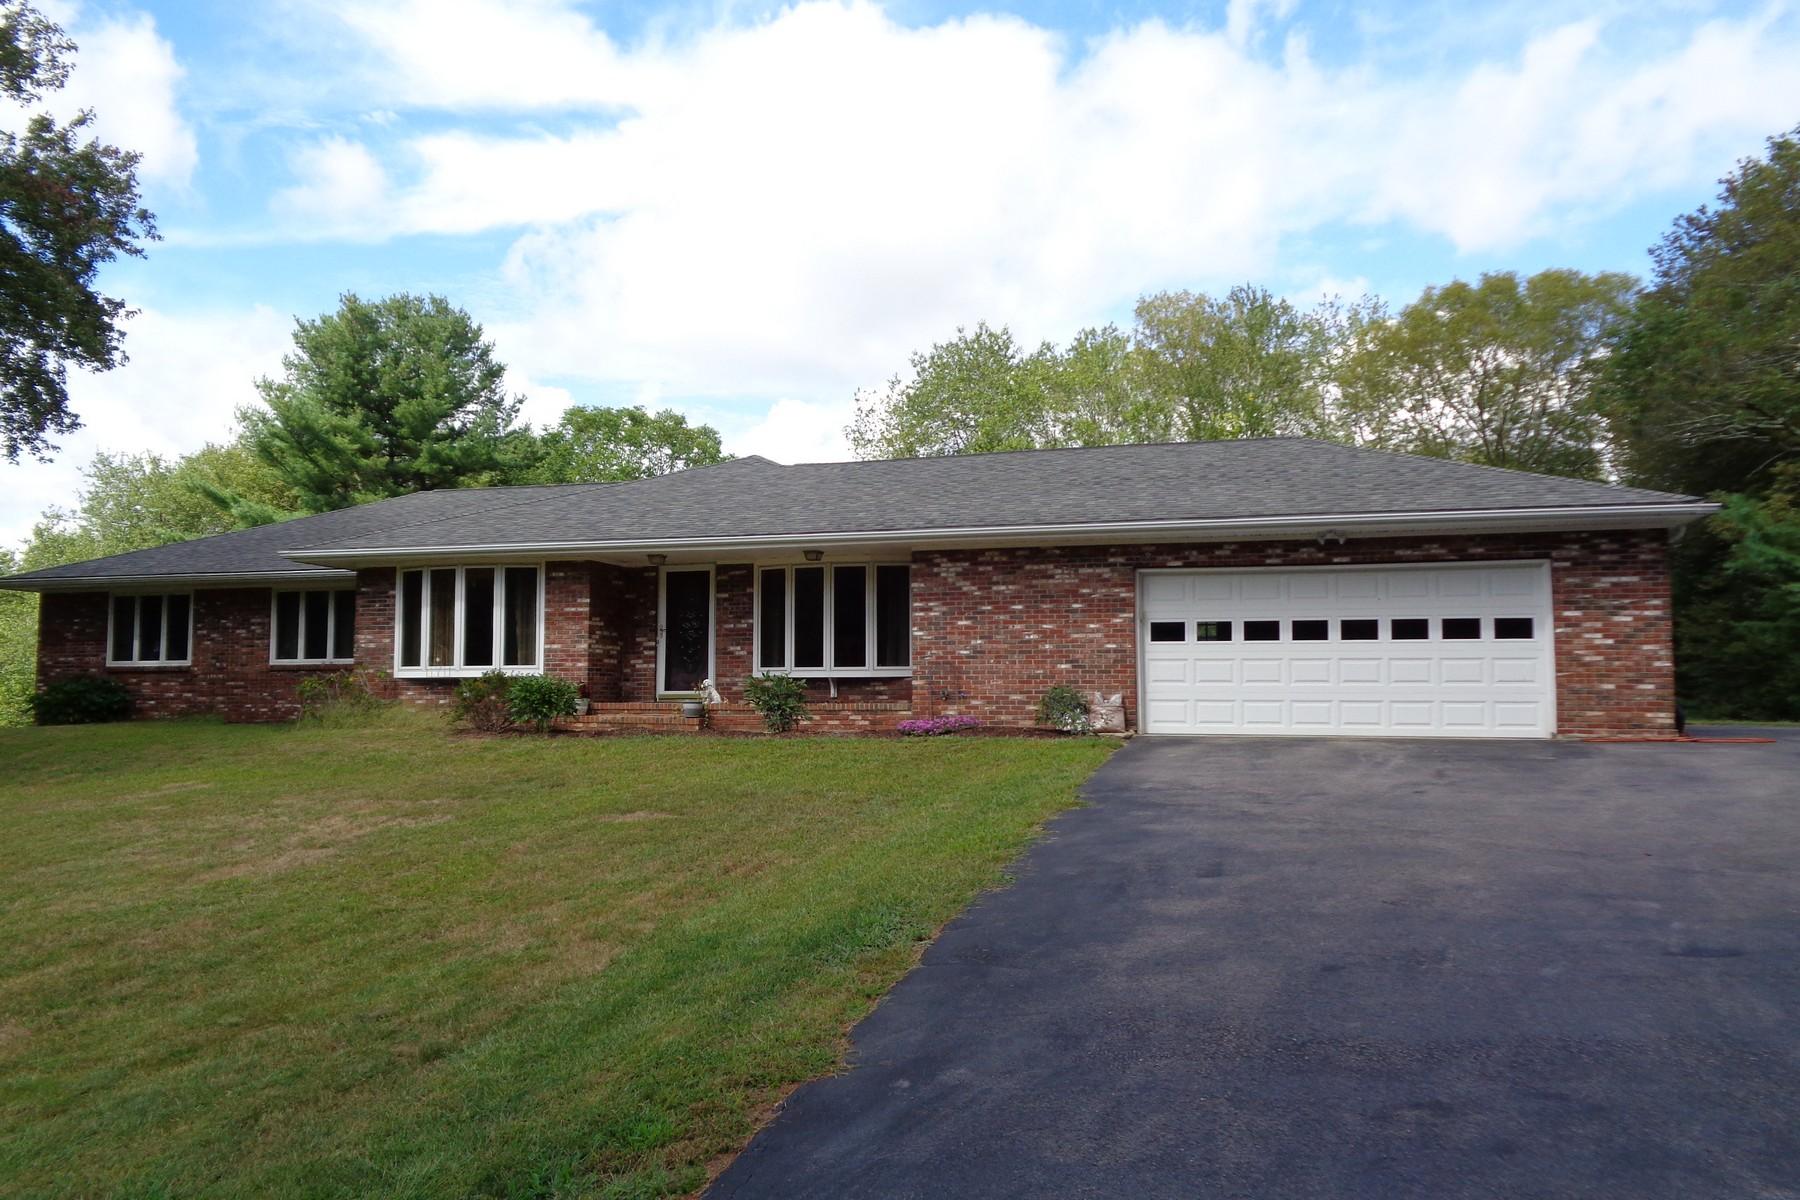 独户住宅 为 销售 在 Spacious Ranch 377 Providence New London Turnpike 北斯通宁顿, 康涅狄格州 06359 美国